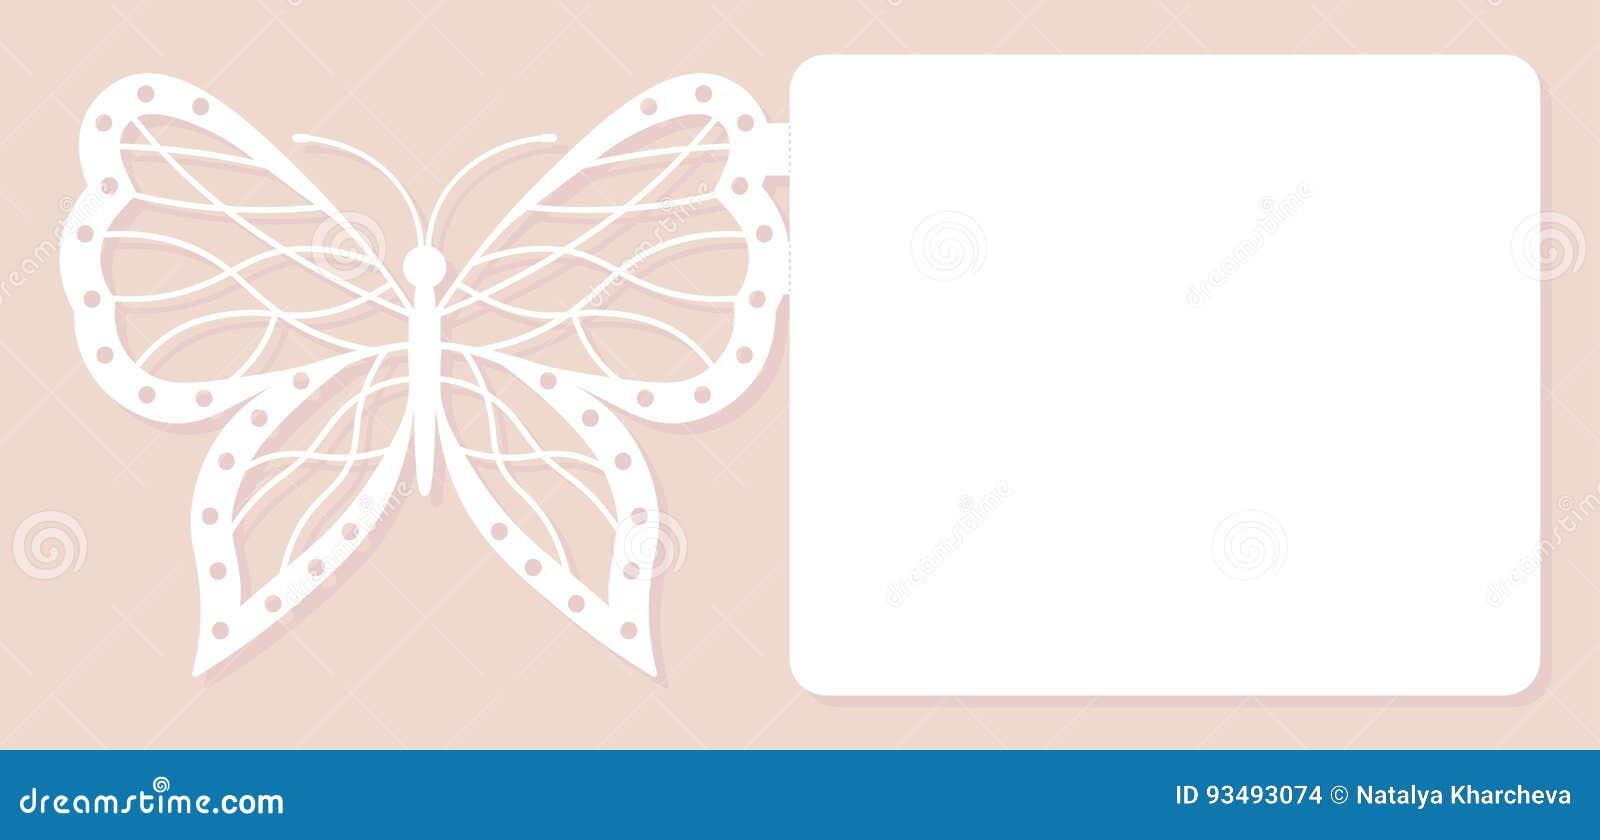 Zaproszenie karta, ślubna dekoracja, projekta element Elegancki motyli laseru cięcie również zwrócić corel ilustracji wektora